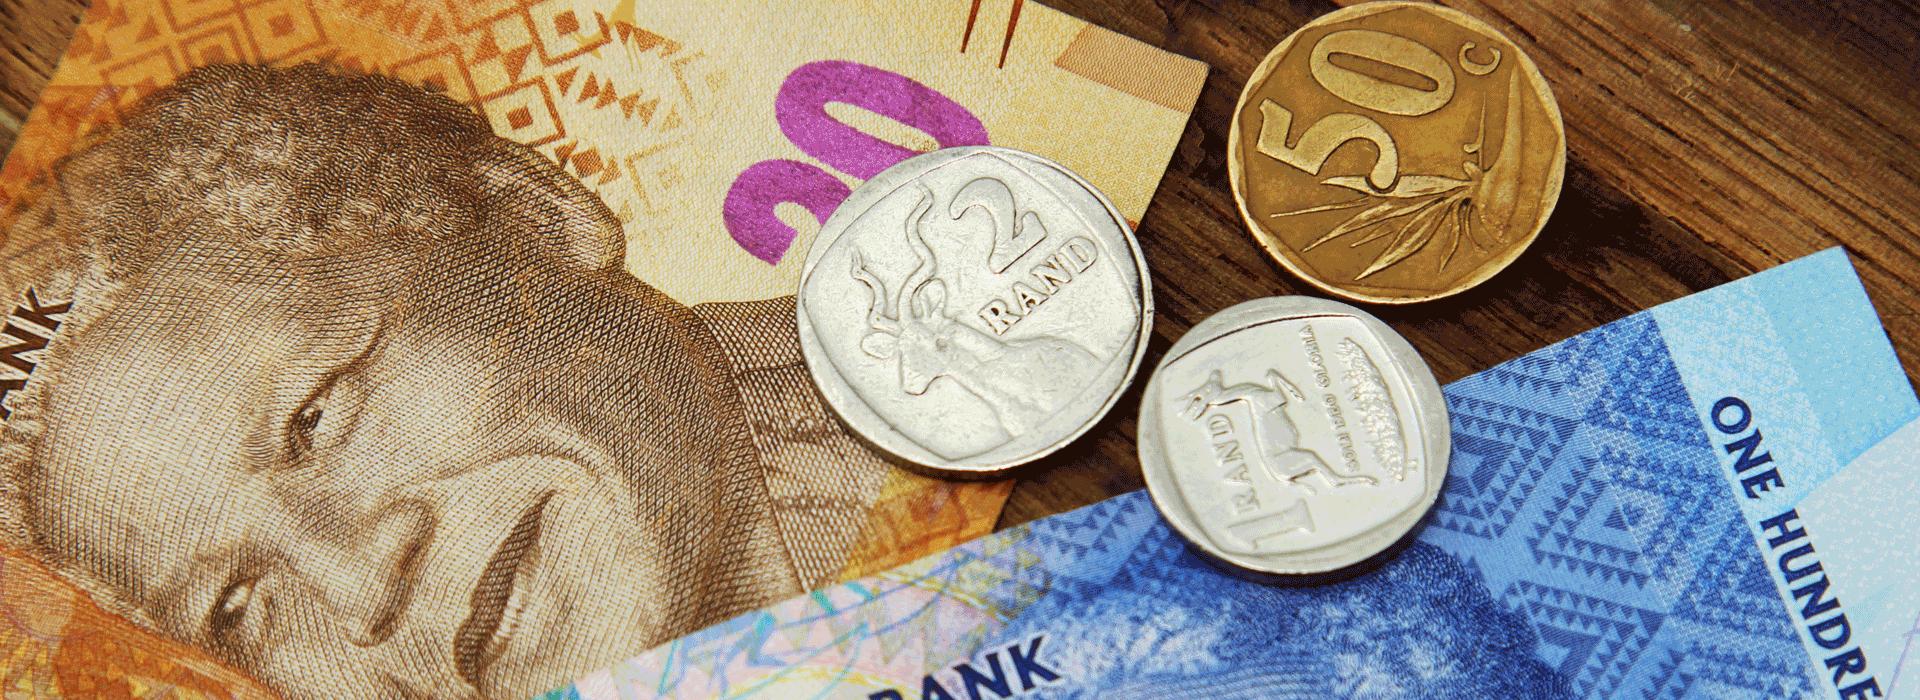 南非幣貶掉60% 「定存7%」從糖衣變毒藥